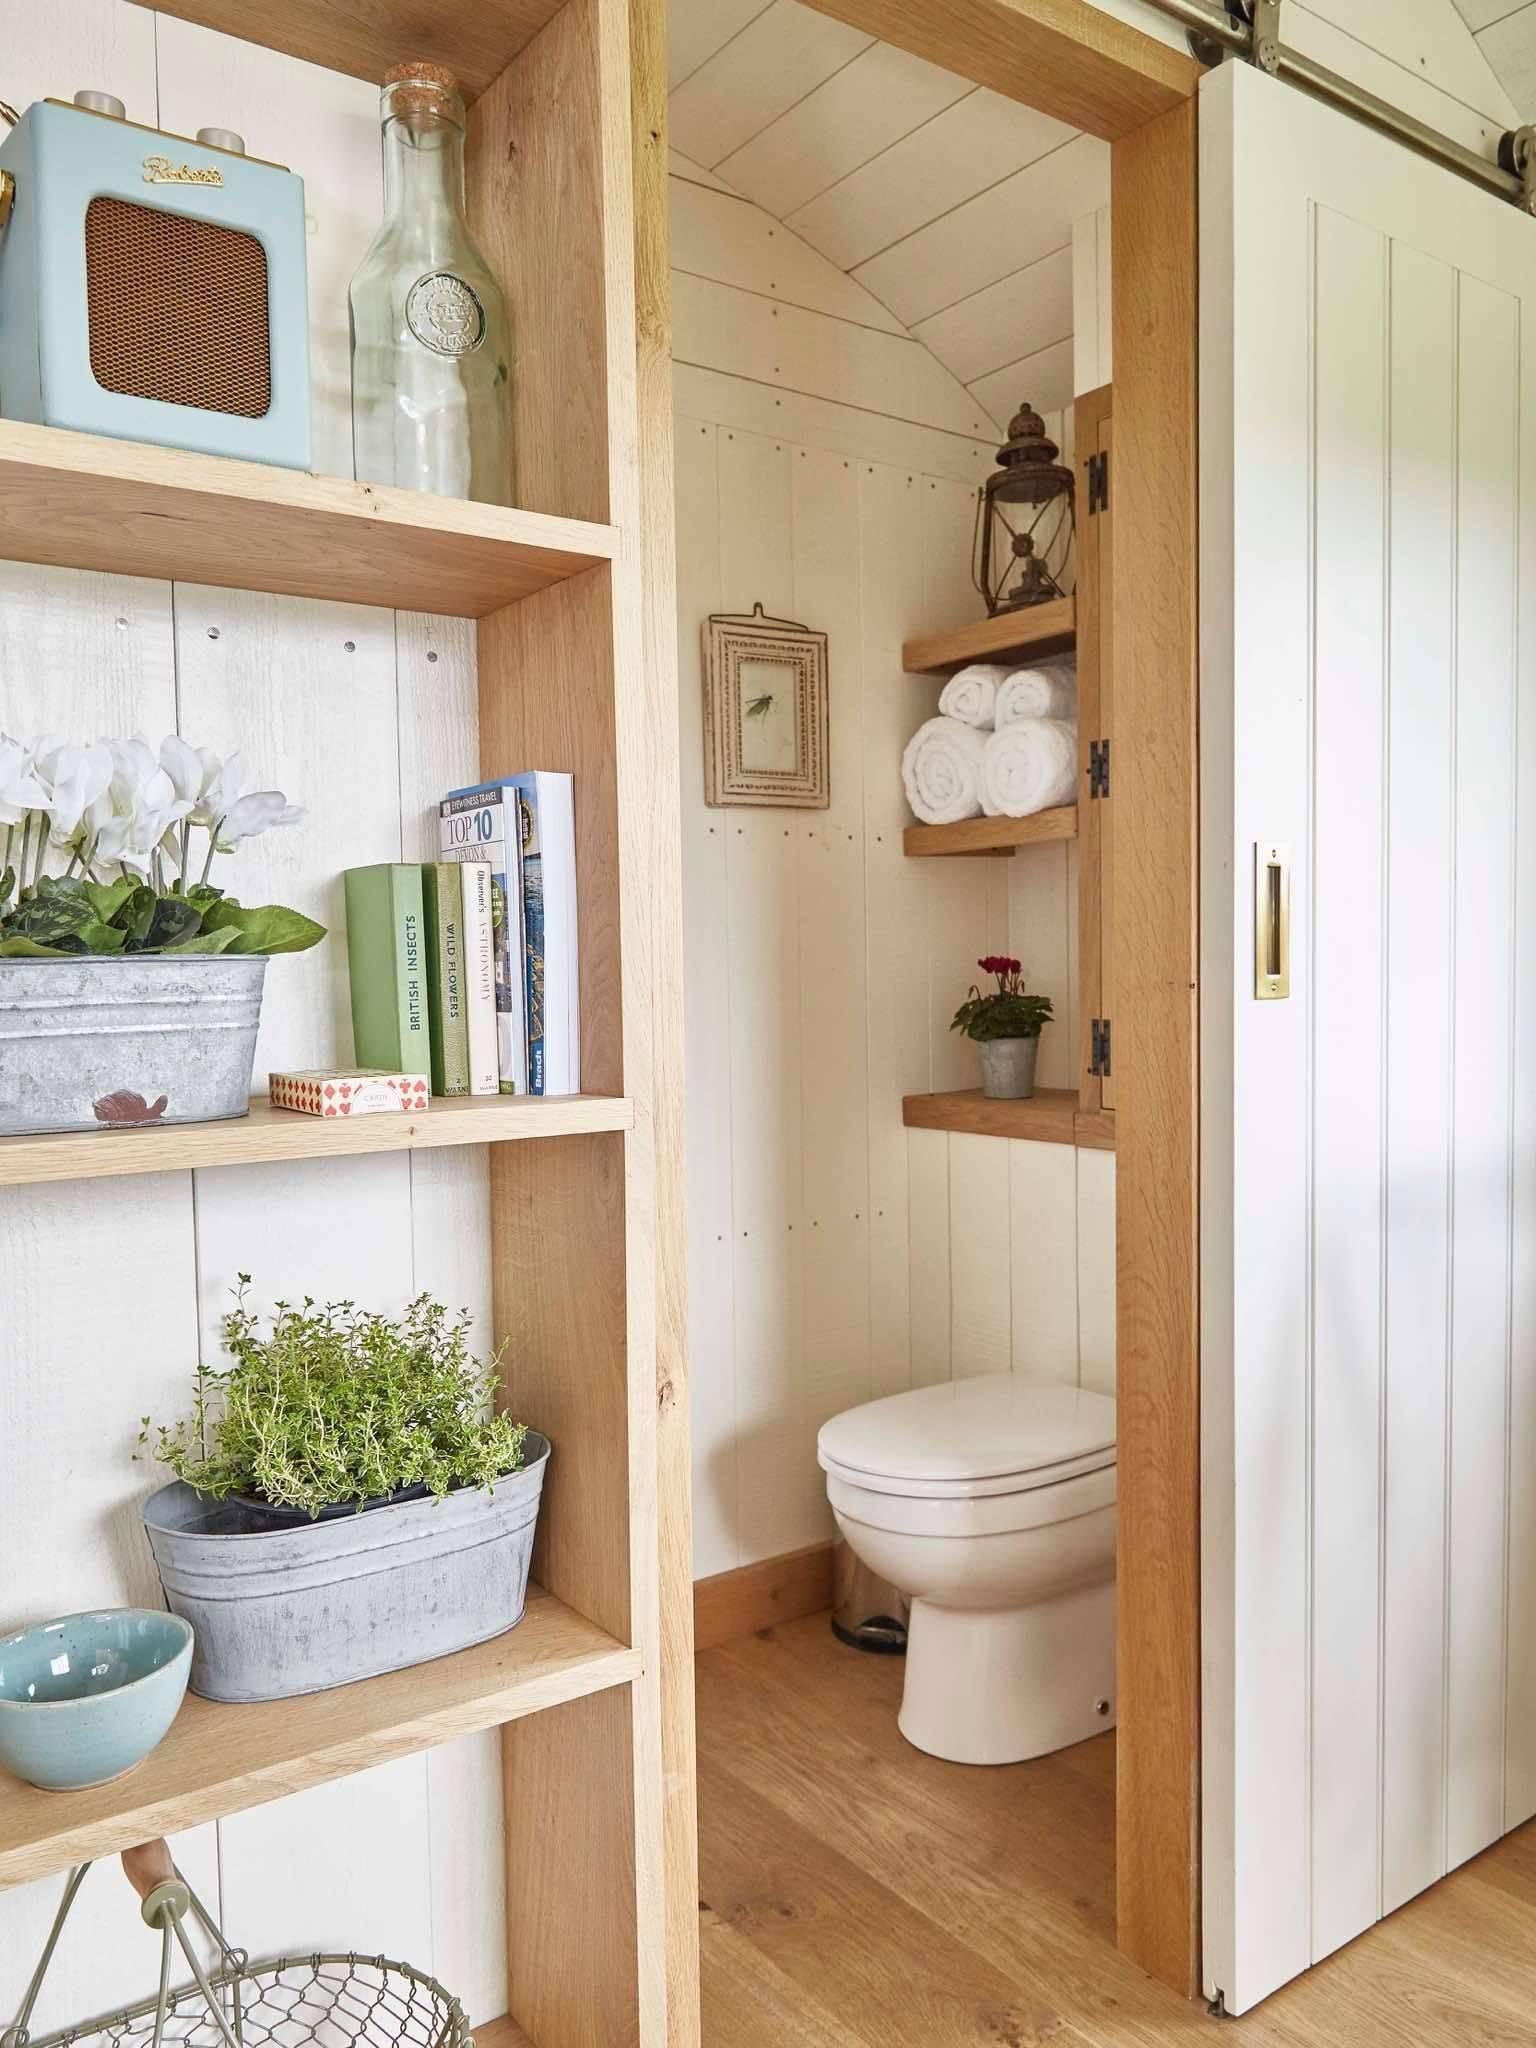 Дачный туалет своими руками: строим с помощью фото и чертежей из разных материалов